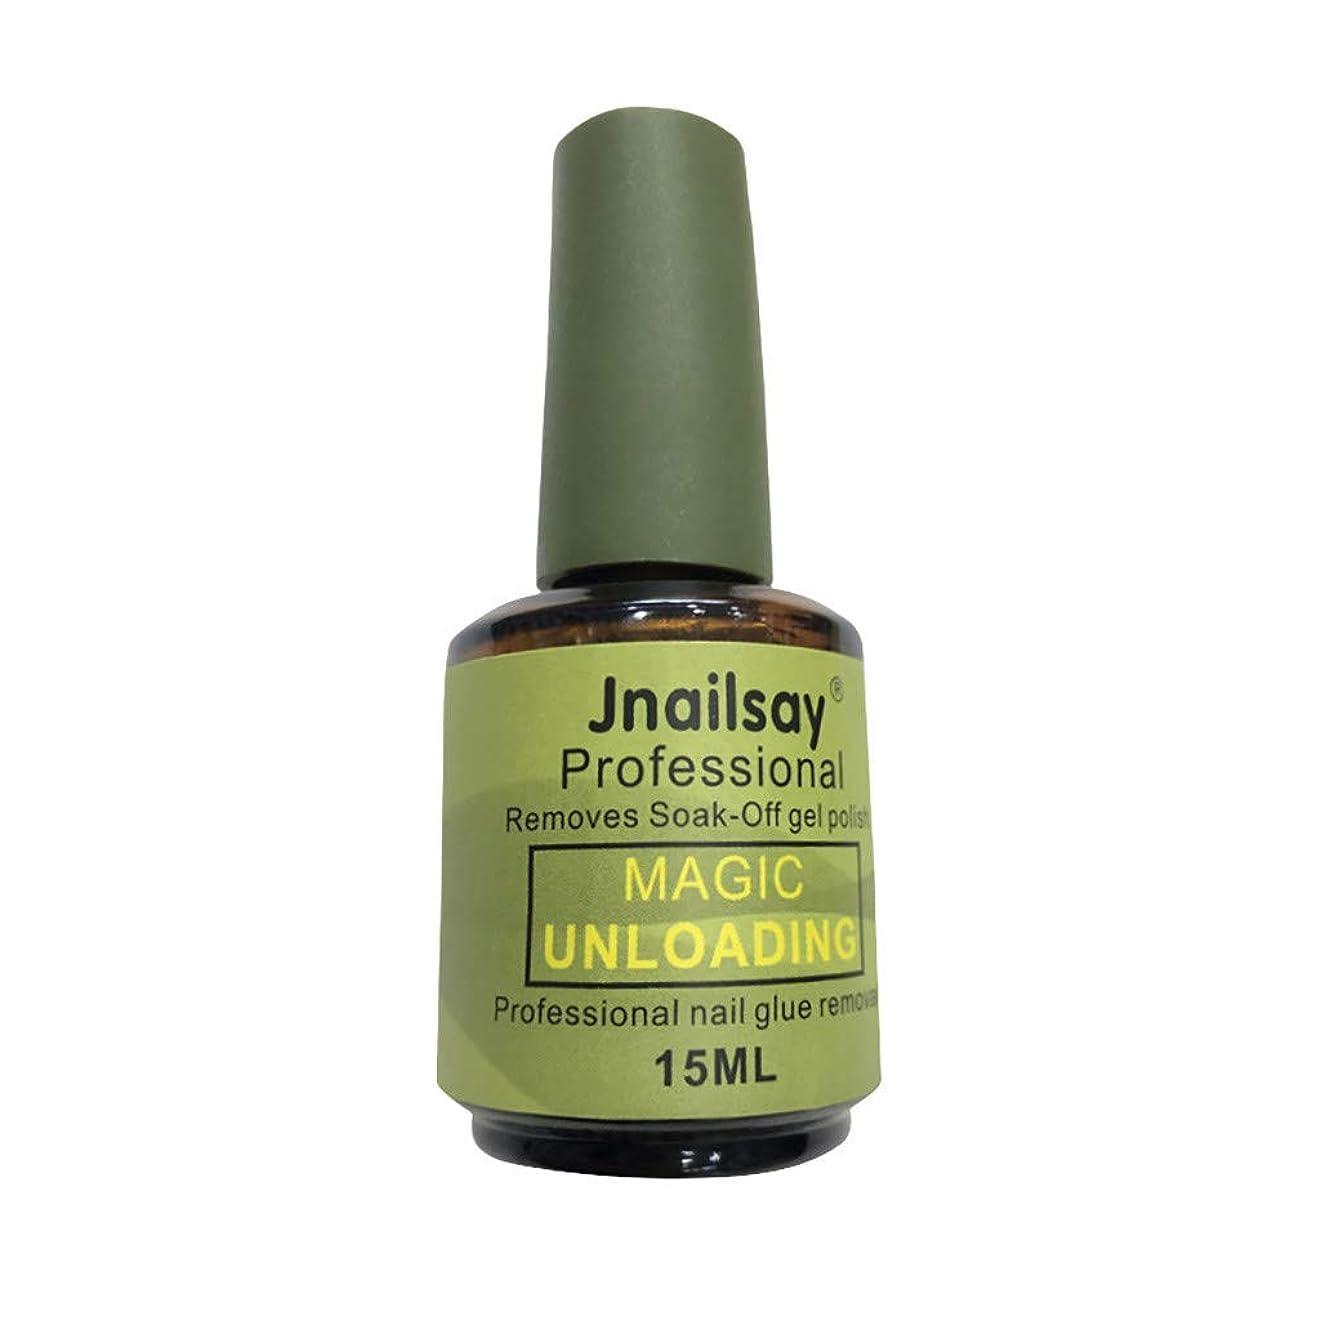 旅汚れる統治するネイル用品 Jnailsay 15ml速い破裂の装甲接着剤1分の荷を下す操作は釘を傷つけないで簡単で便利です (多色)